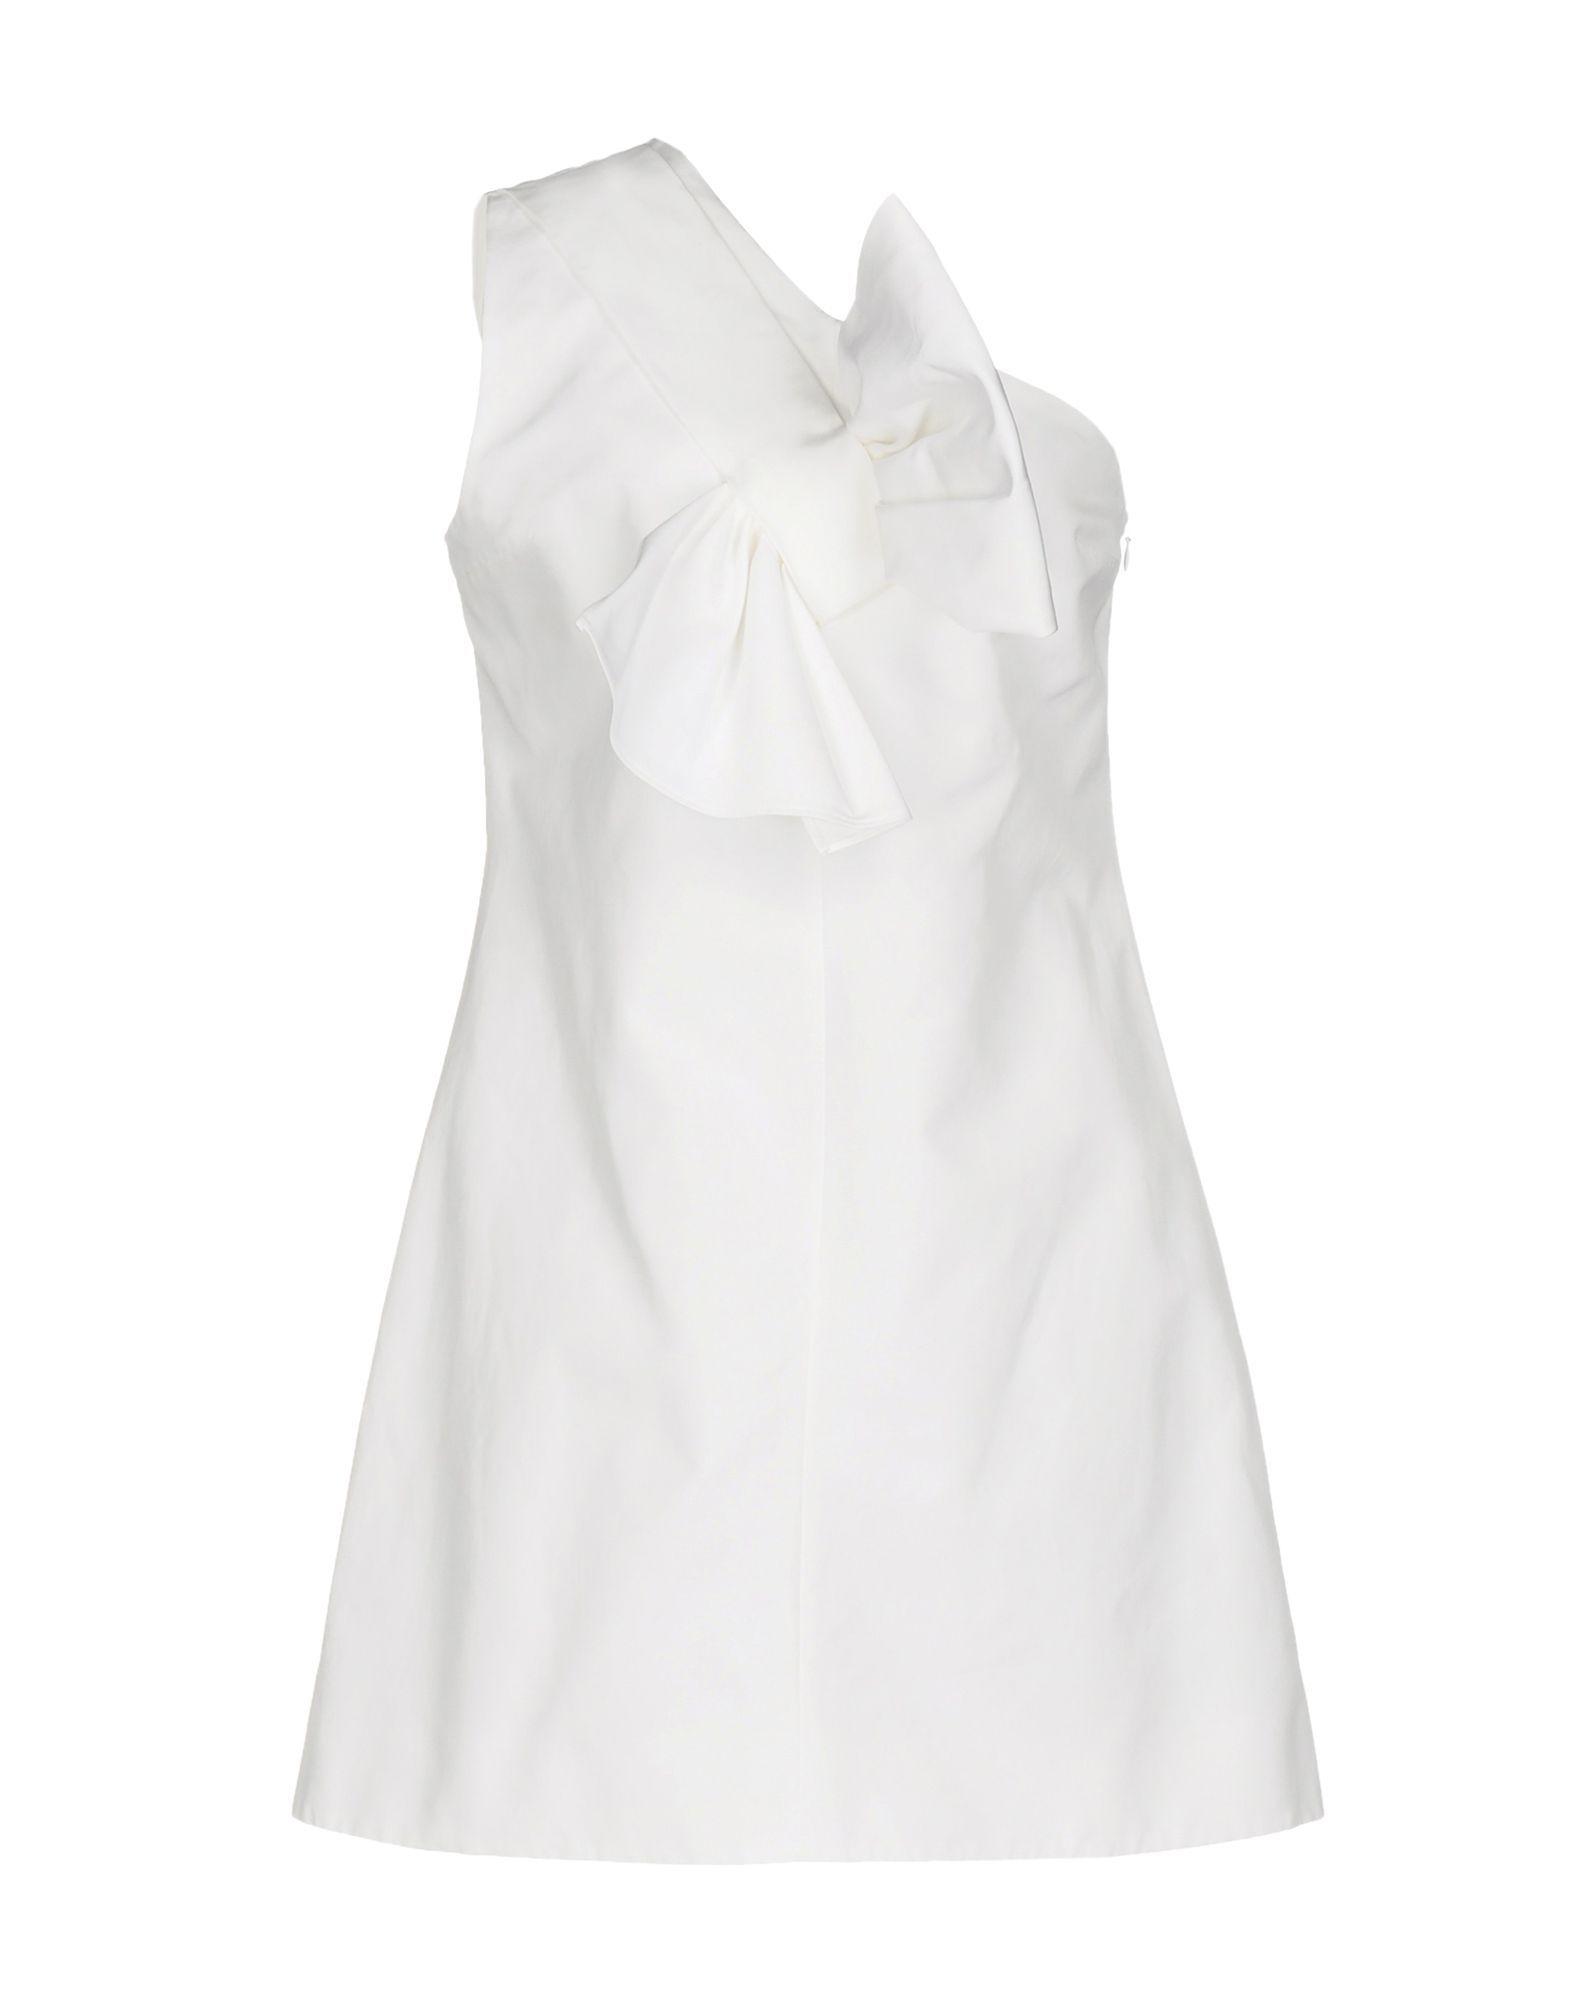 Victoria Beckham White Sleeveless Dress